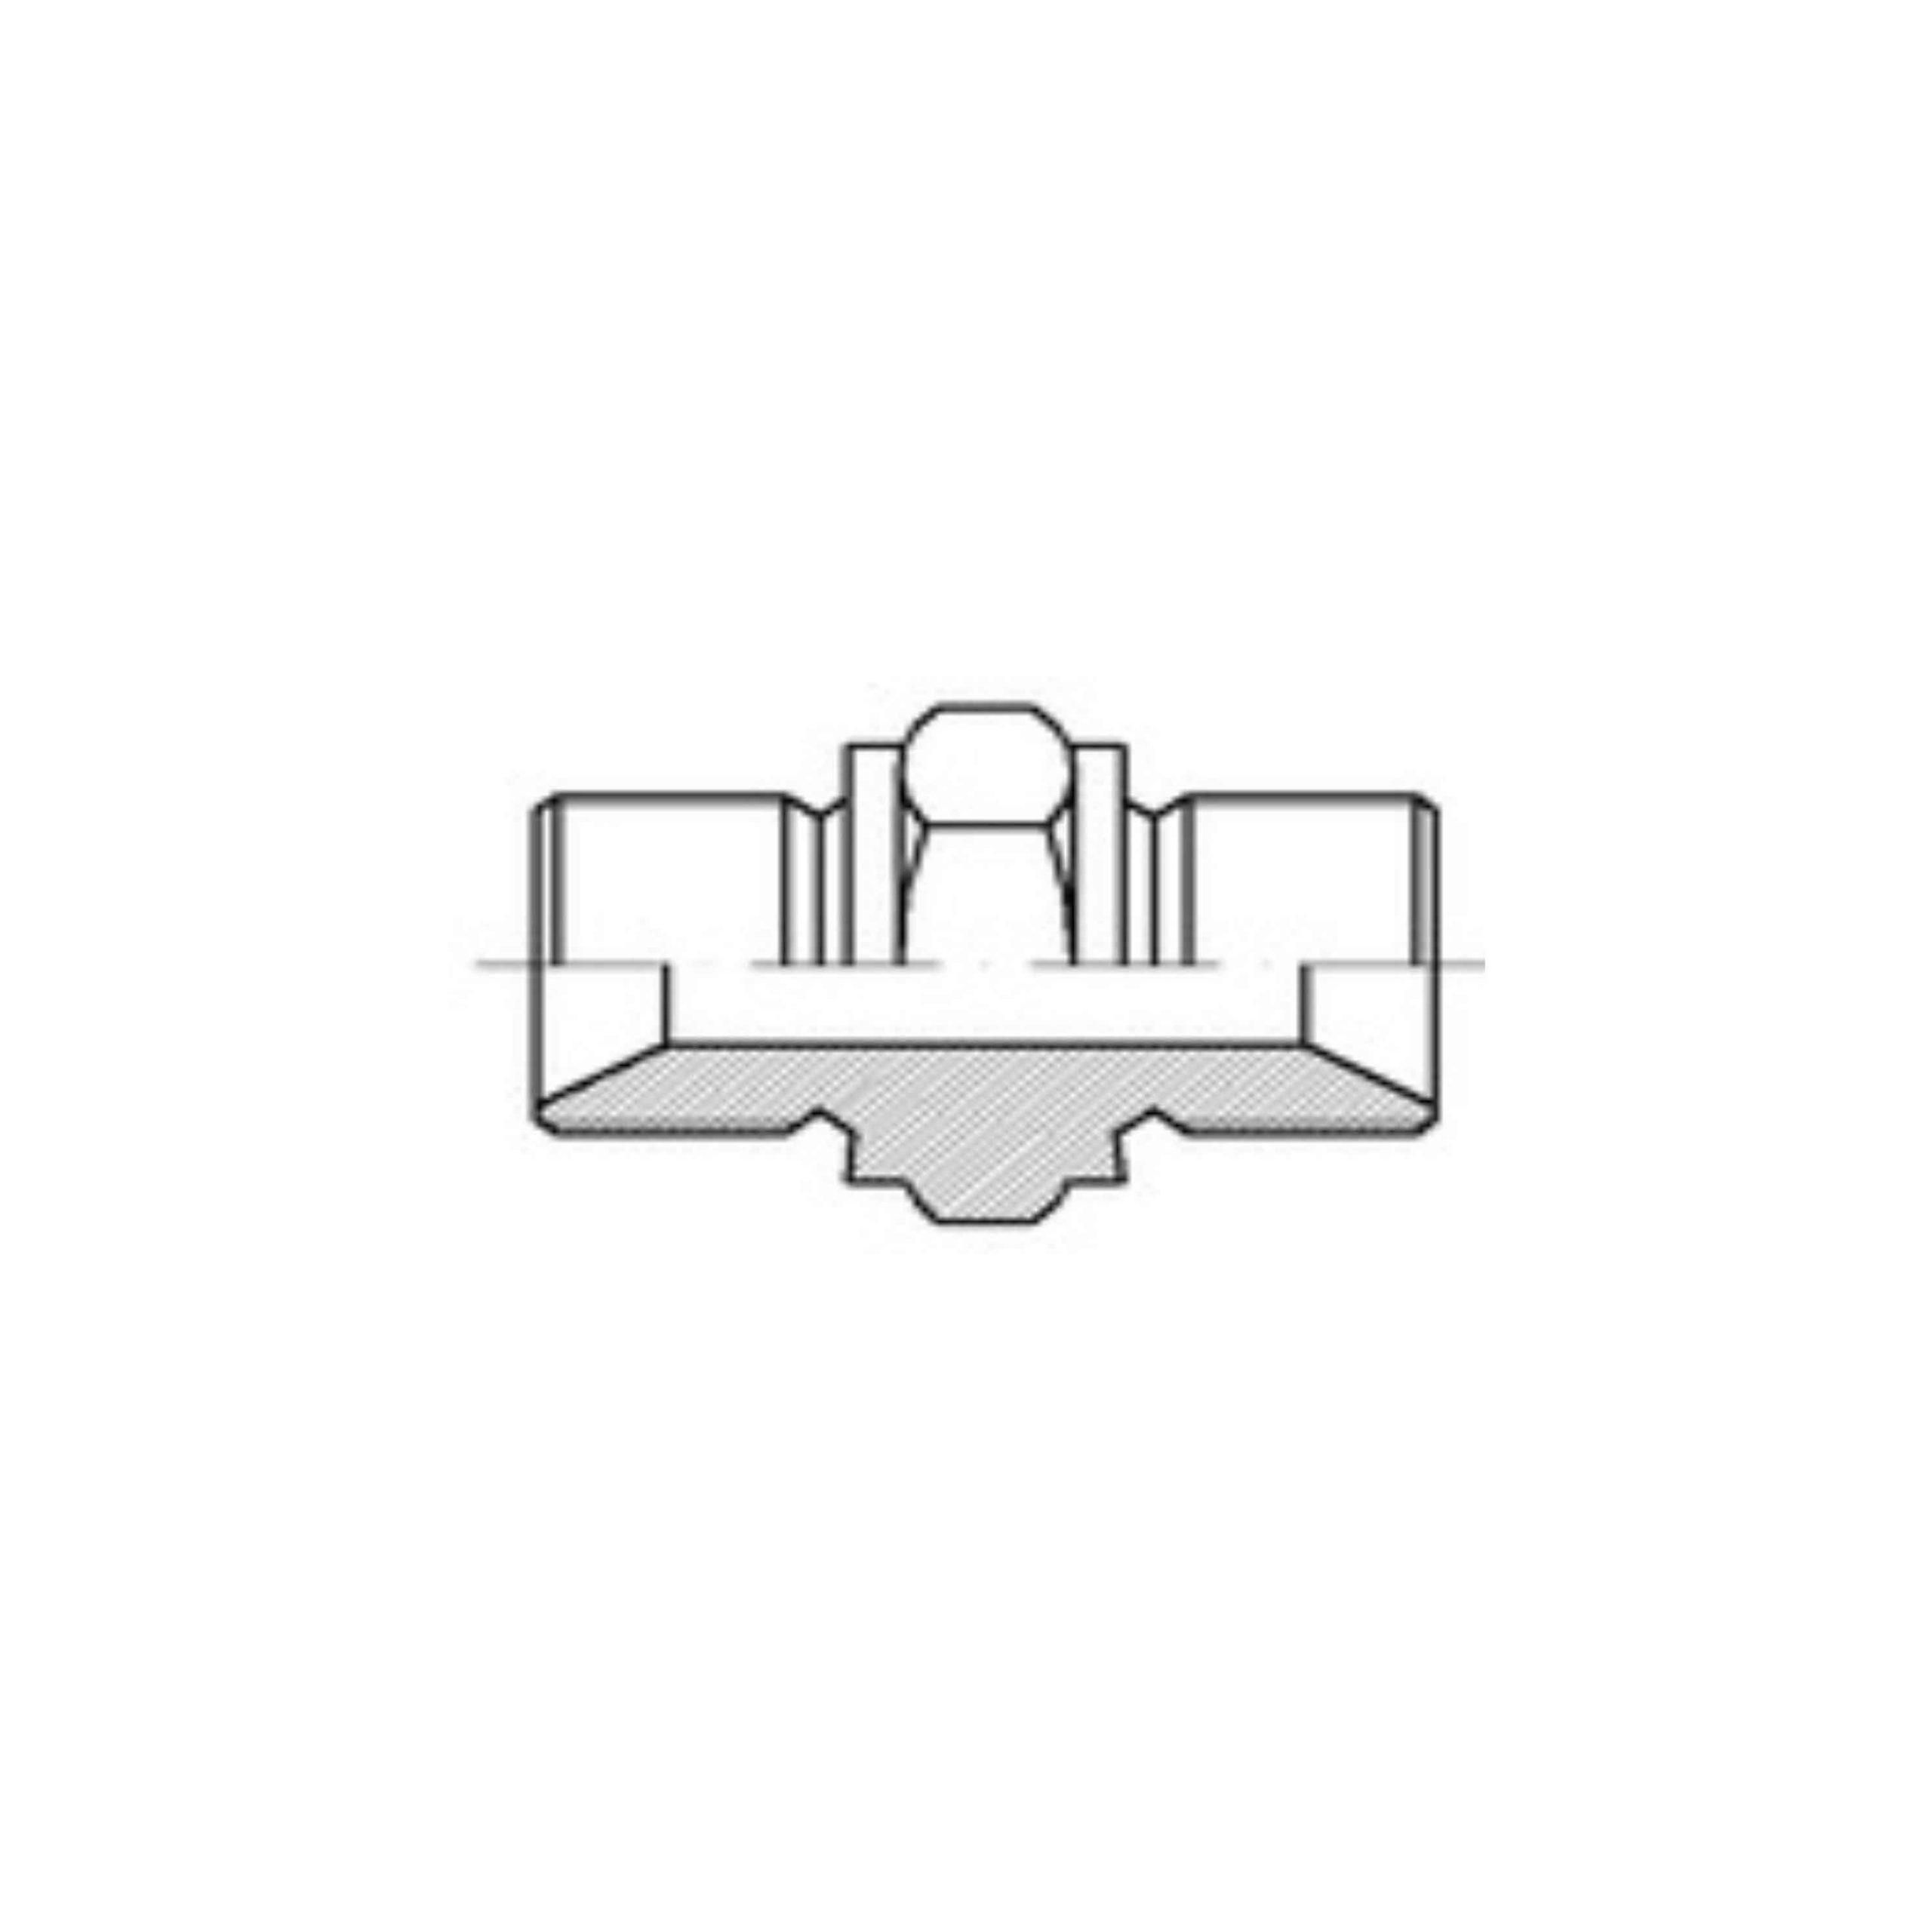 UNION_MALE_MALE_BSP_CYL_AVEC_PORTEE_DE_JOINT_JIC_BSB_CAOUTCHOUCS_PLASTIQUES